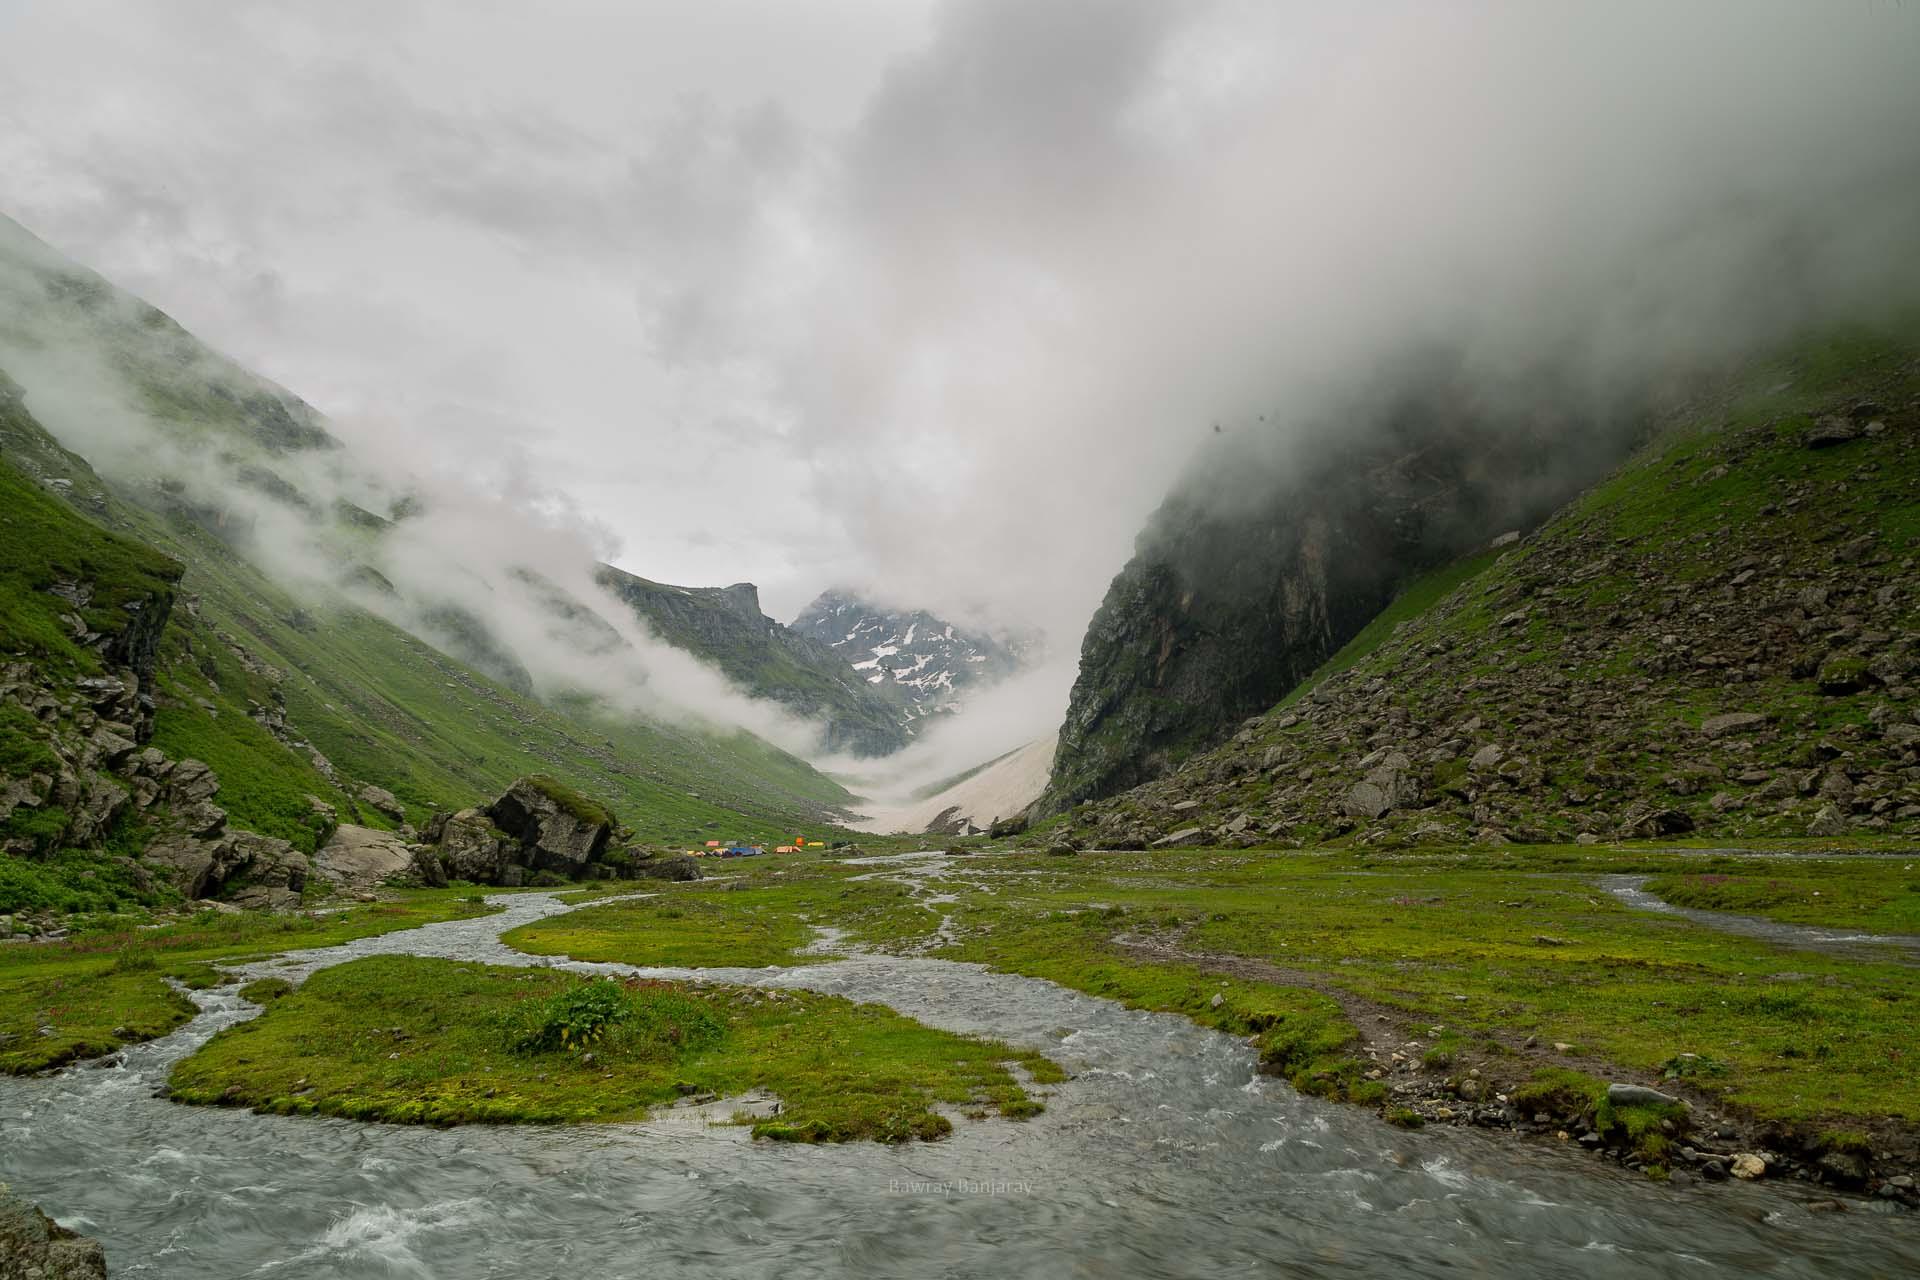 balu ka ghera campsite during hampta pass trek